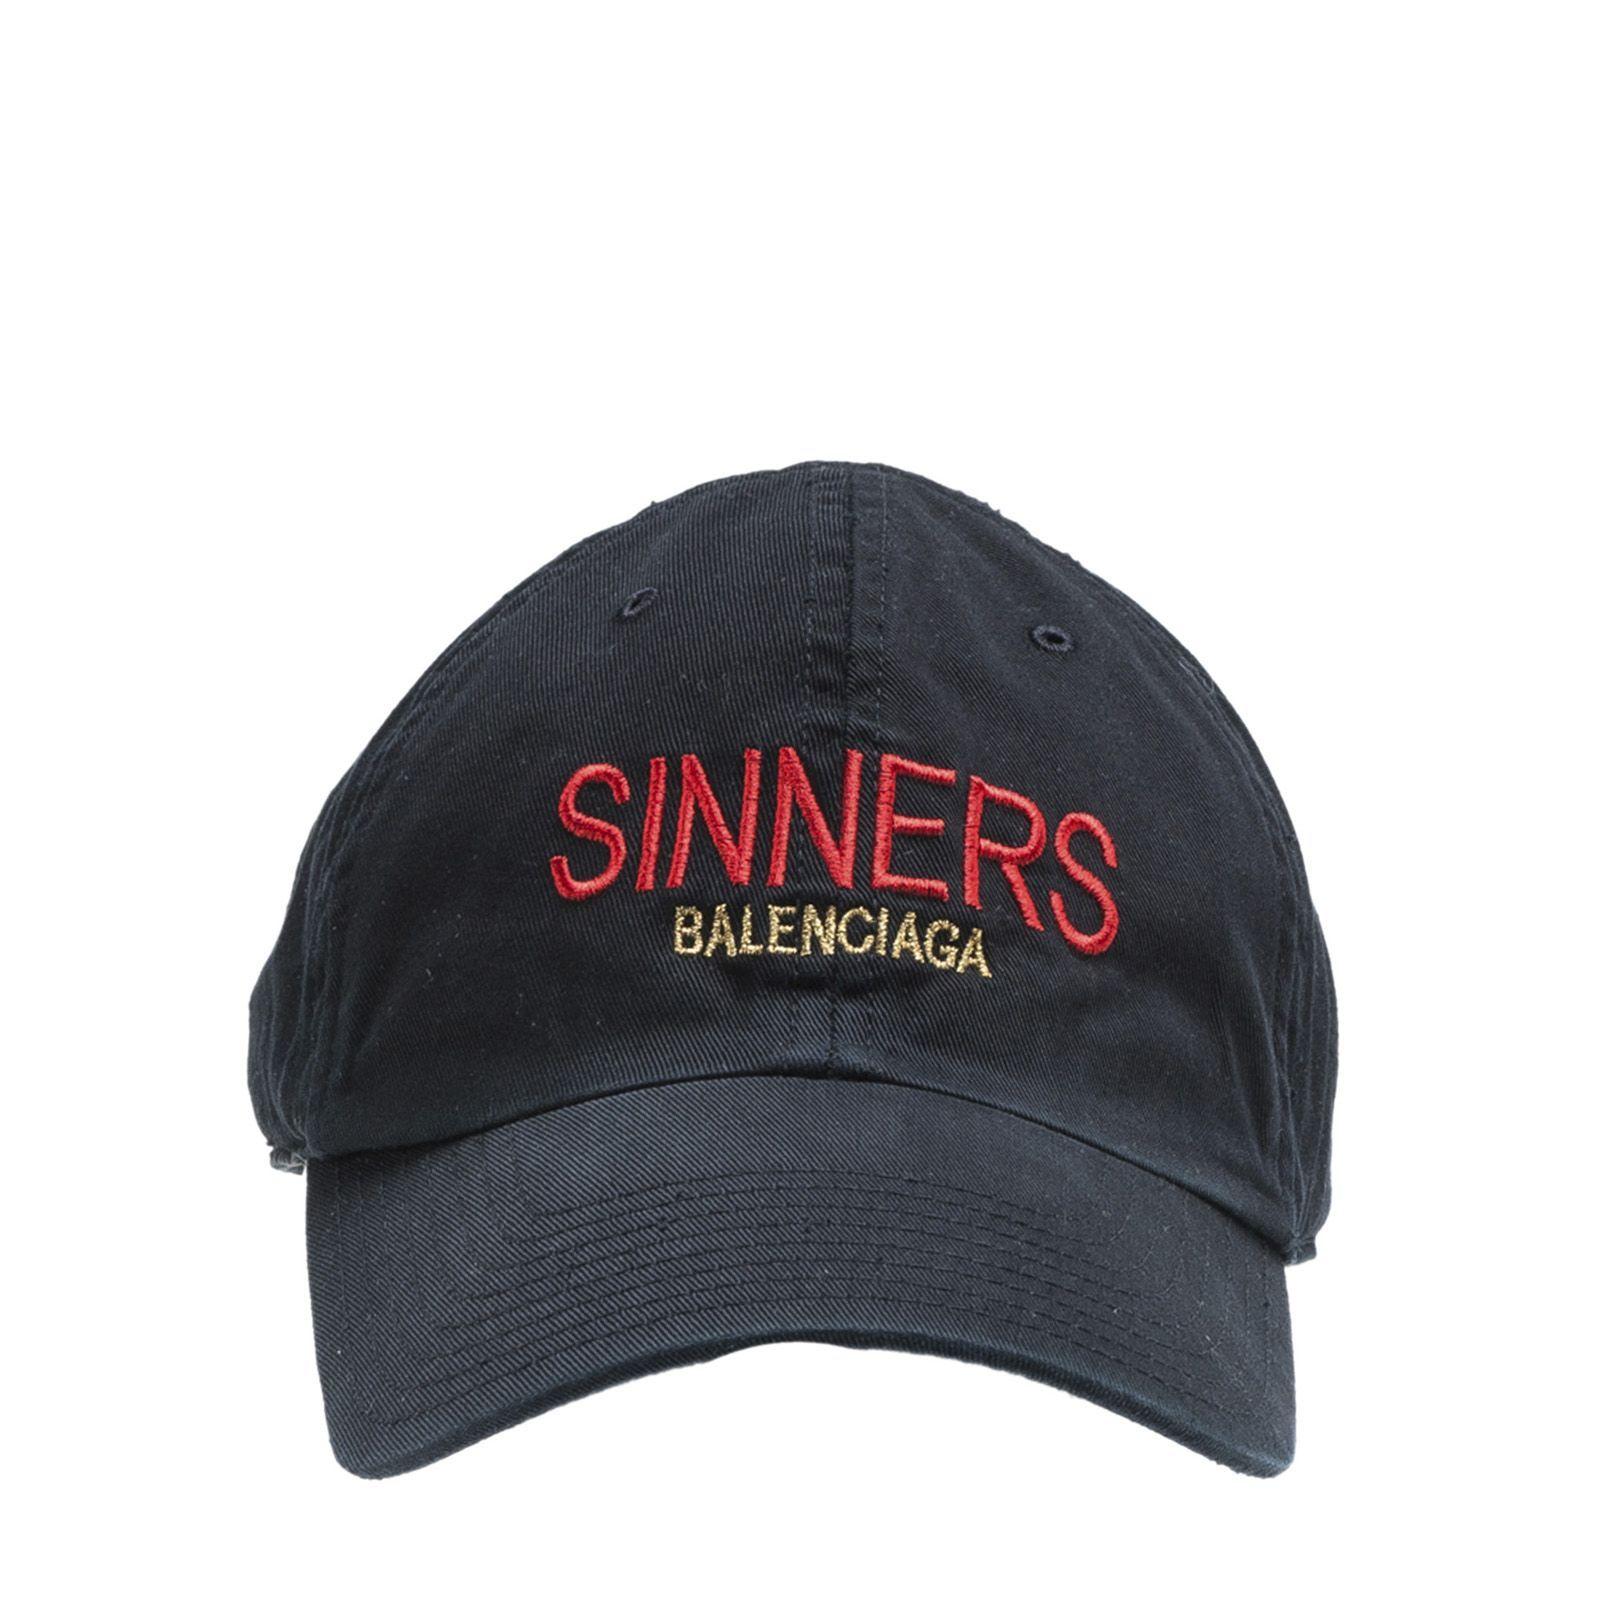 21c27231f66 BALENCIAGA SINNERS HAT.  balenciaga   Mens Fashion